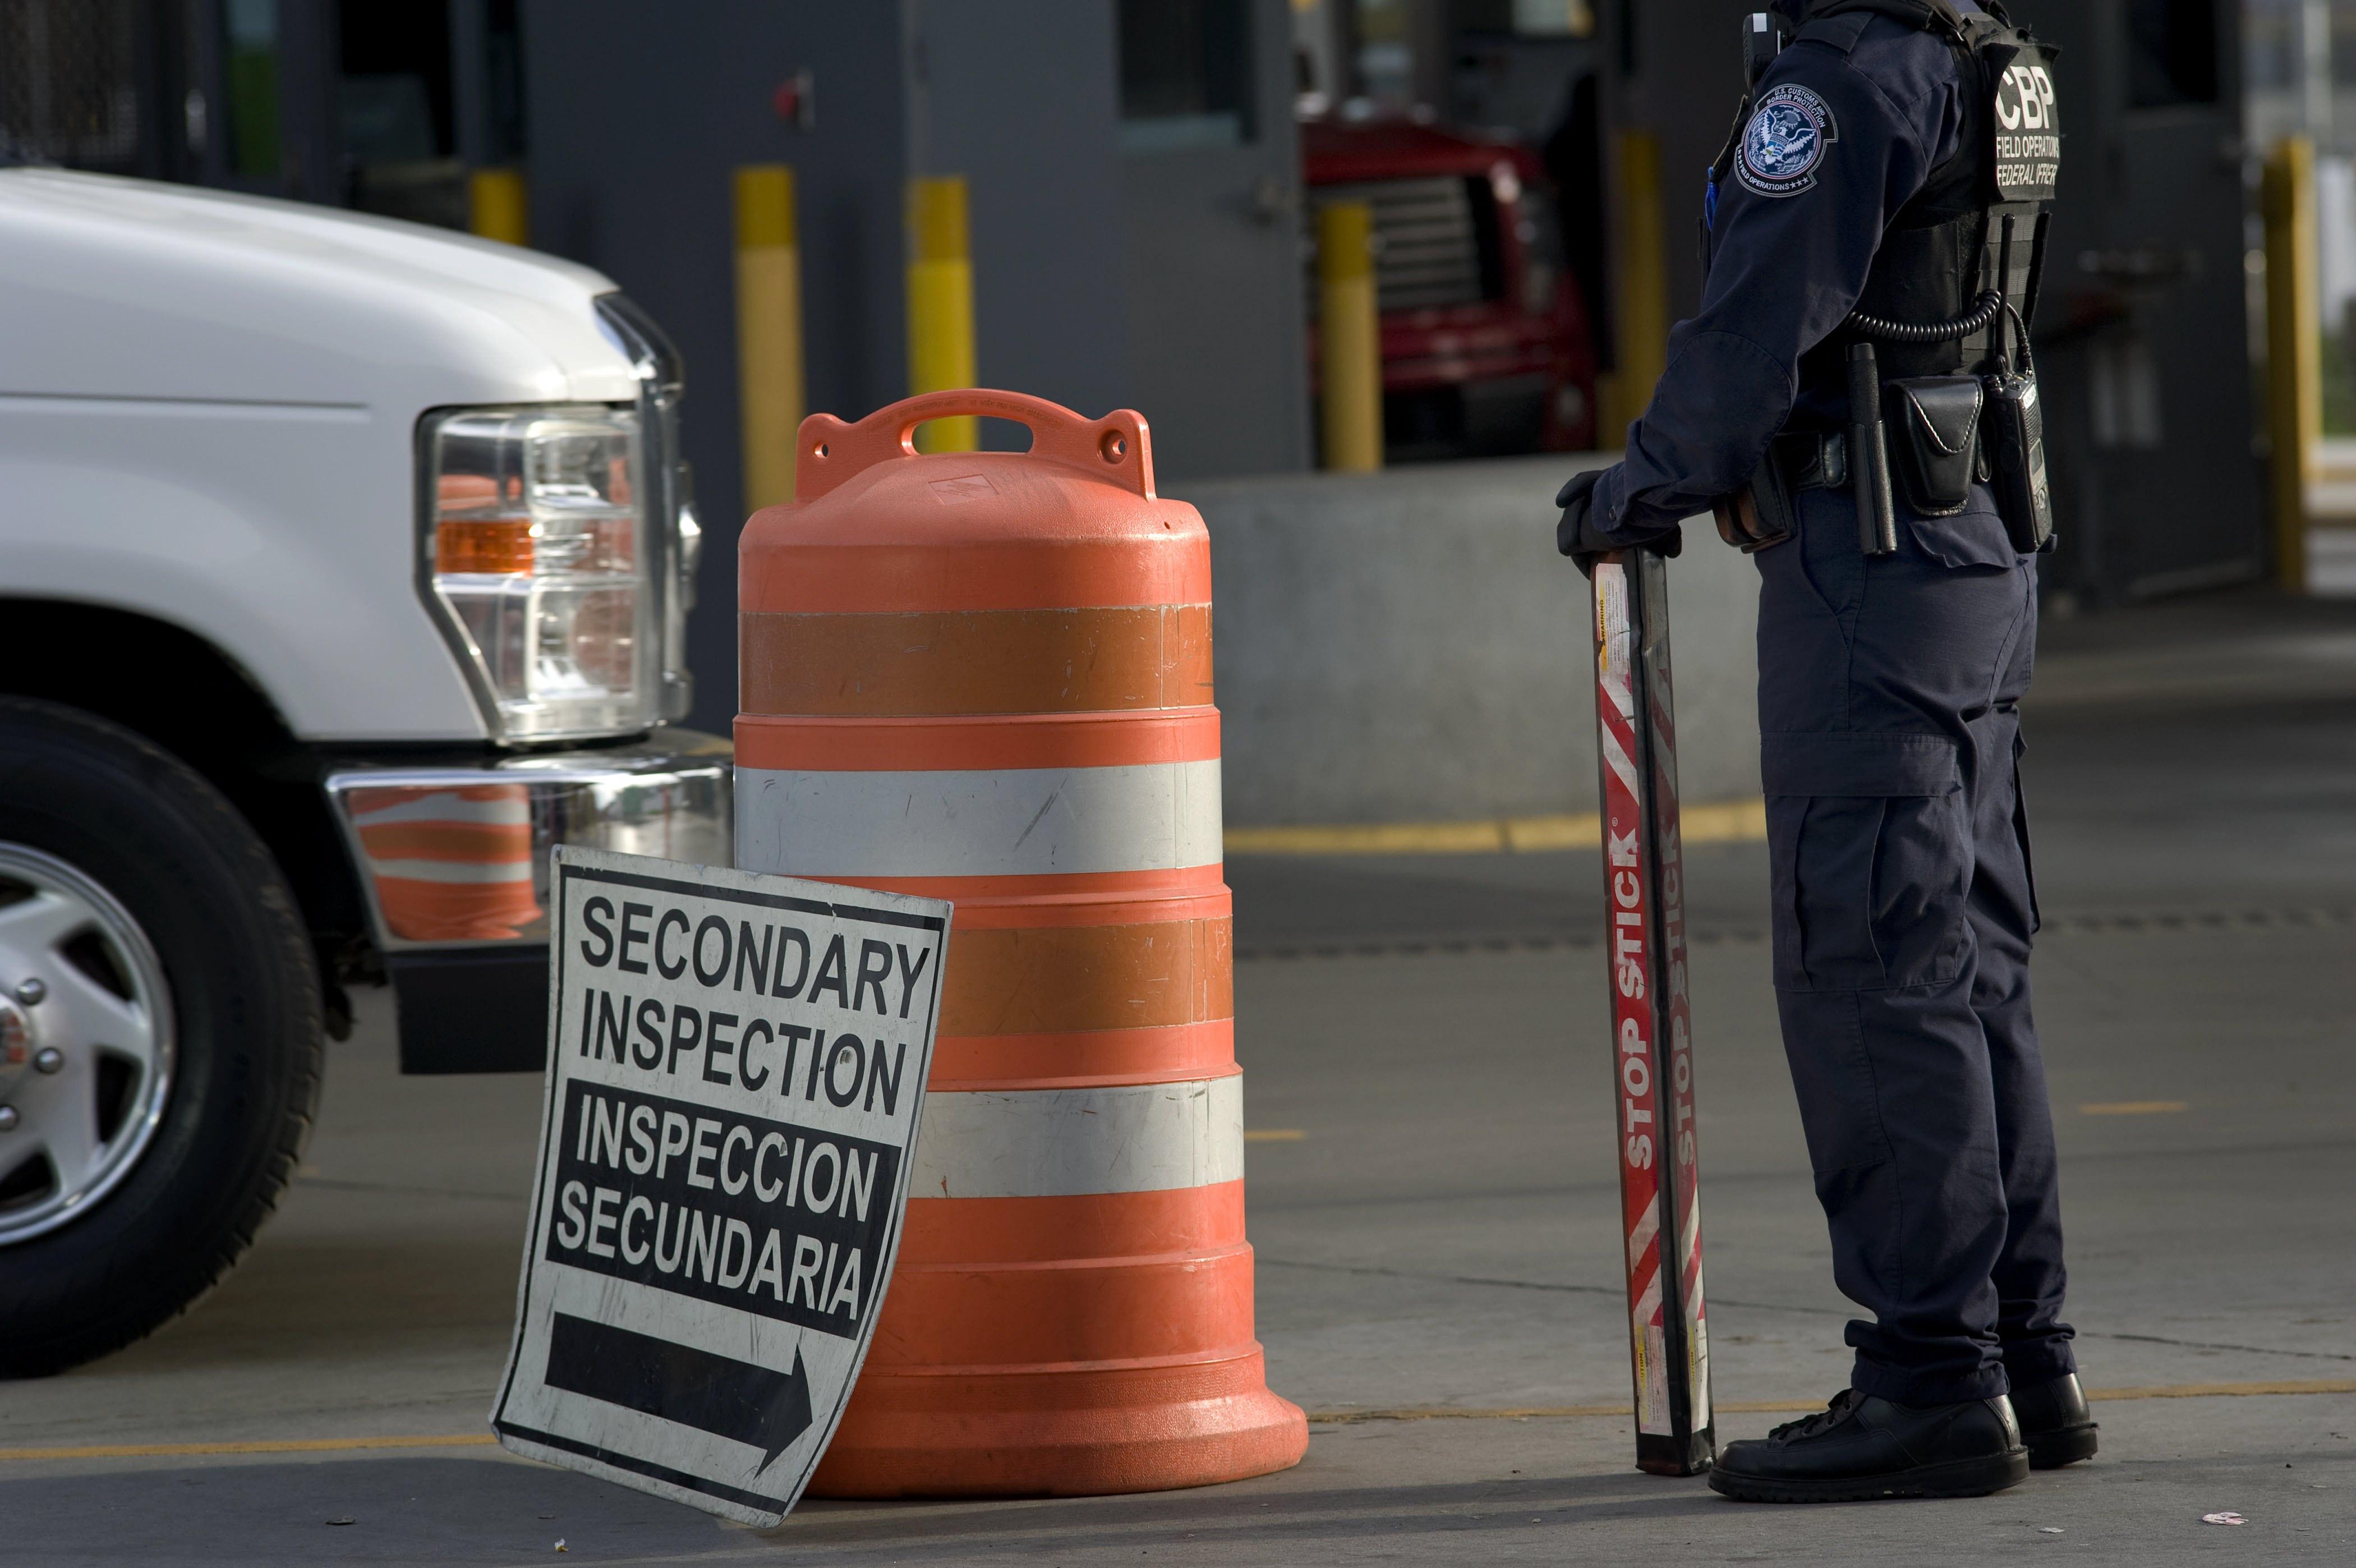 國安部在全美大規模搜捕無證移民罪犯,同時也加強邊界檢查。圖為聖地牙哥和墨西哥聖以西鐸口岸的檢查站。(歐新社)